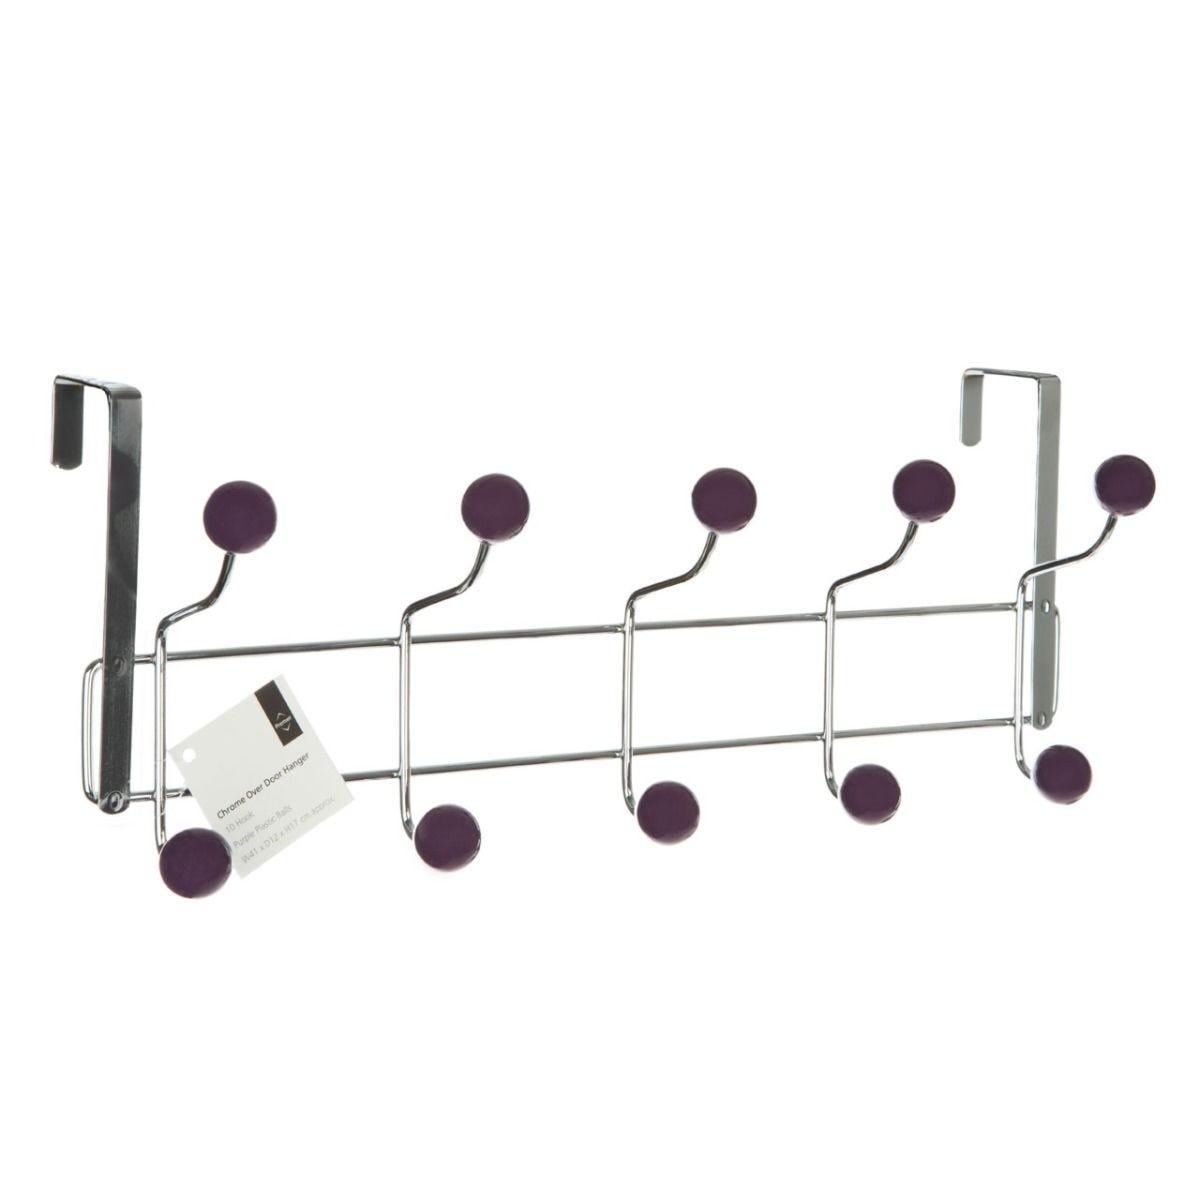 Premier Housewares 10 Hook Over The Door Hanger - Purple